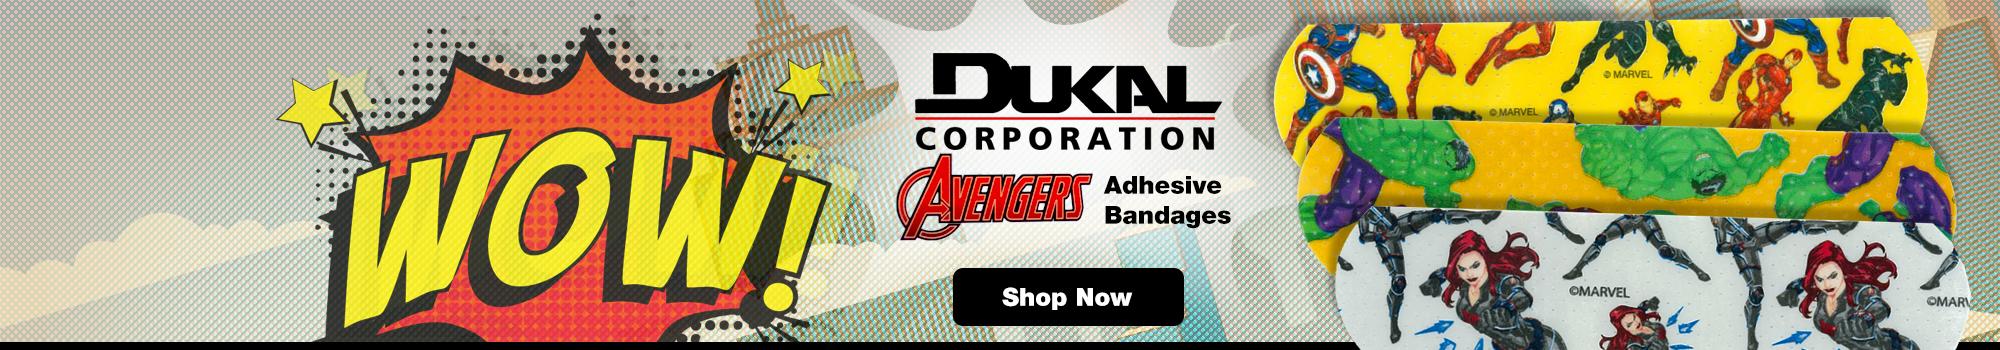 dukal_avengers_slider.jpg